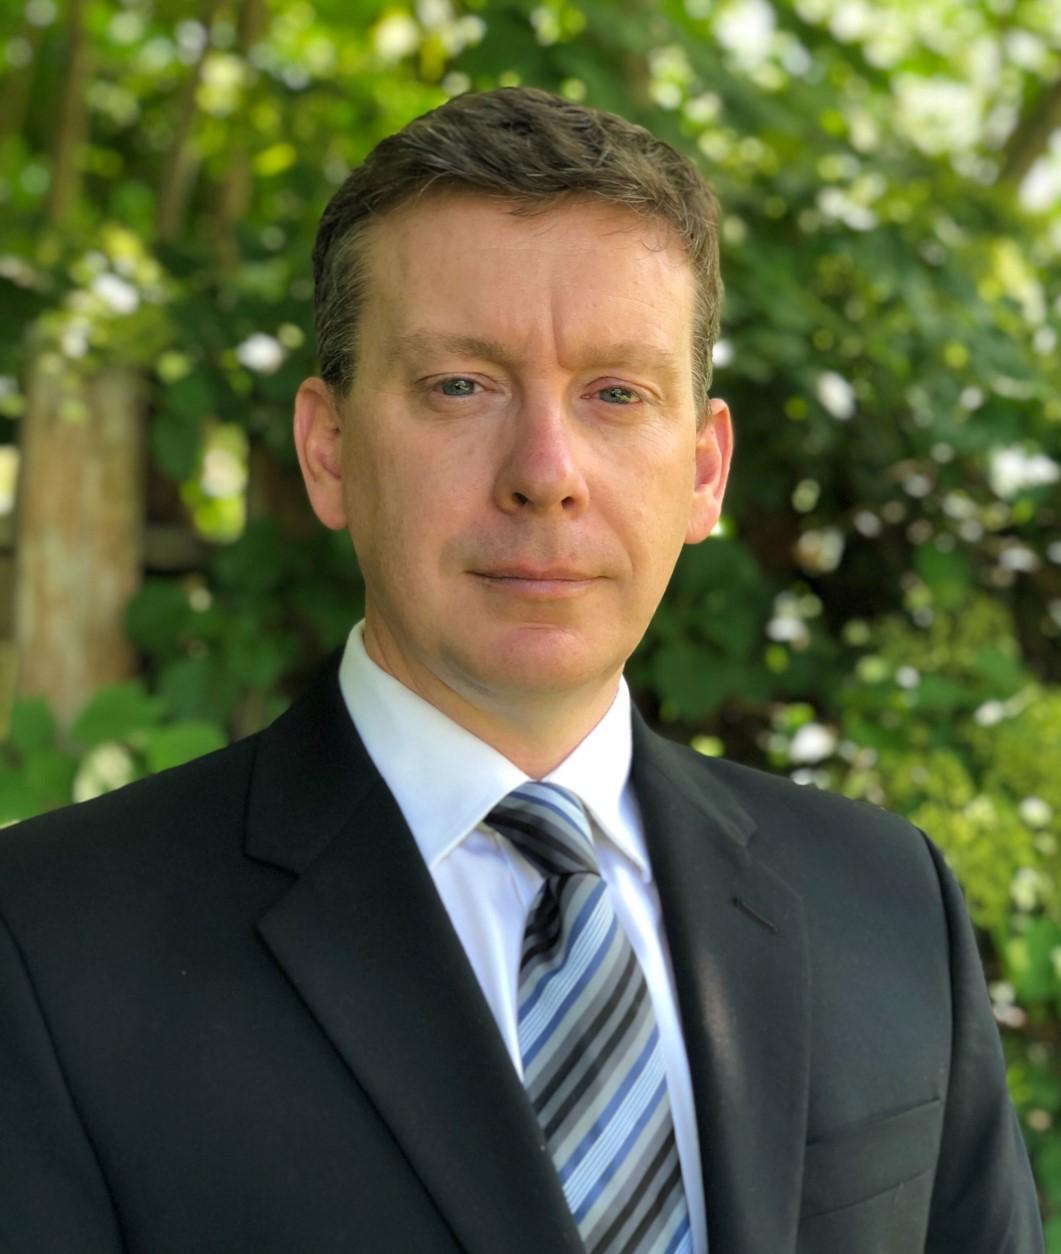 Dr. Blake Brown